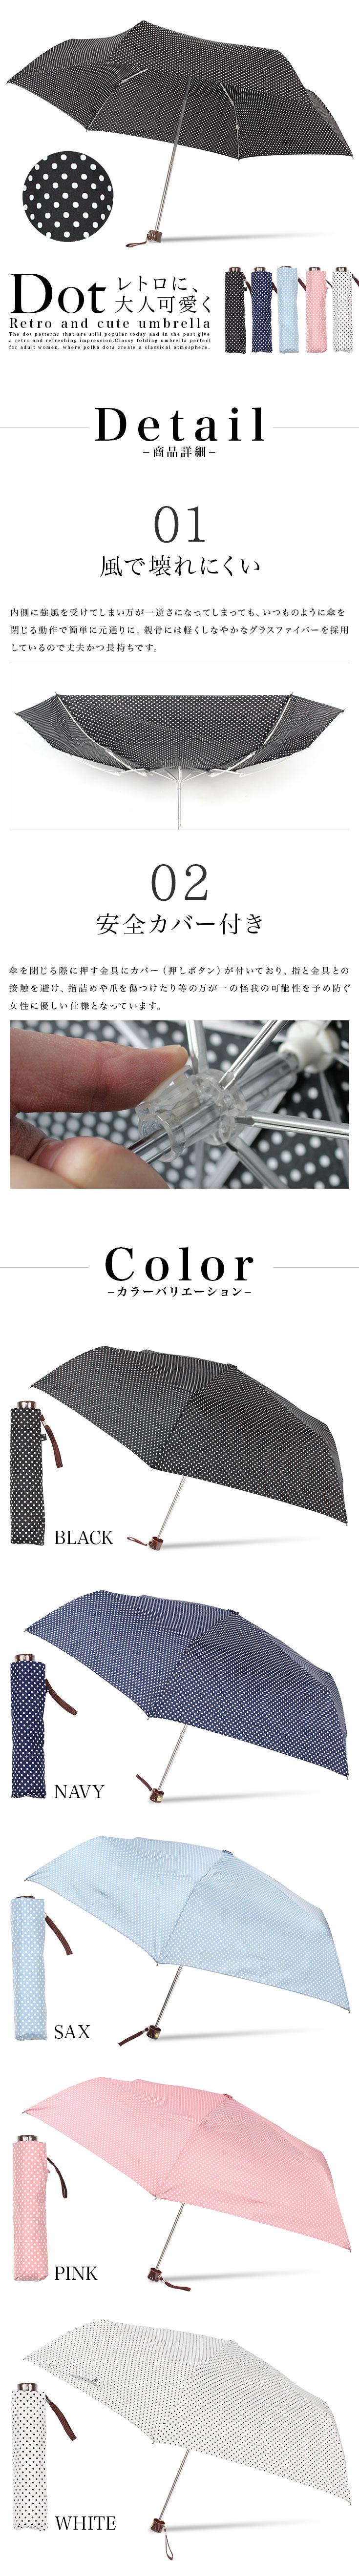 水玉ドット耐風折りたたみ傘